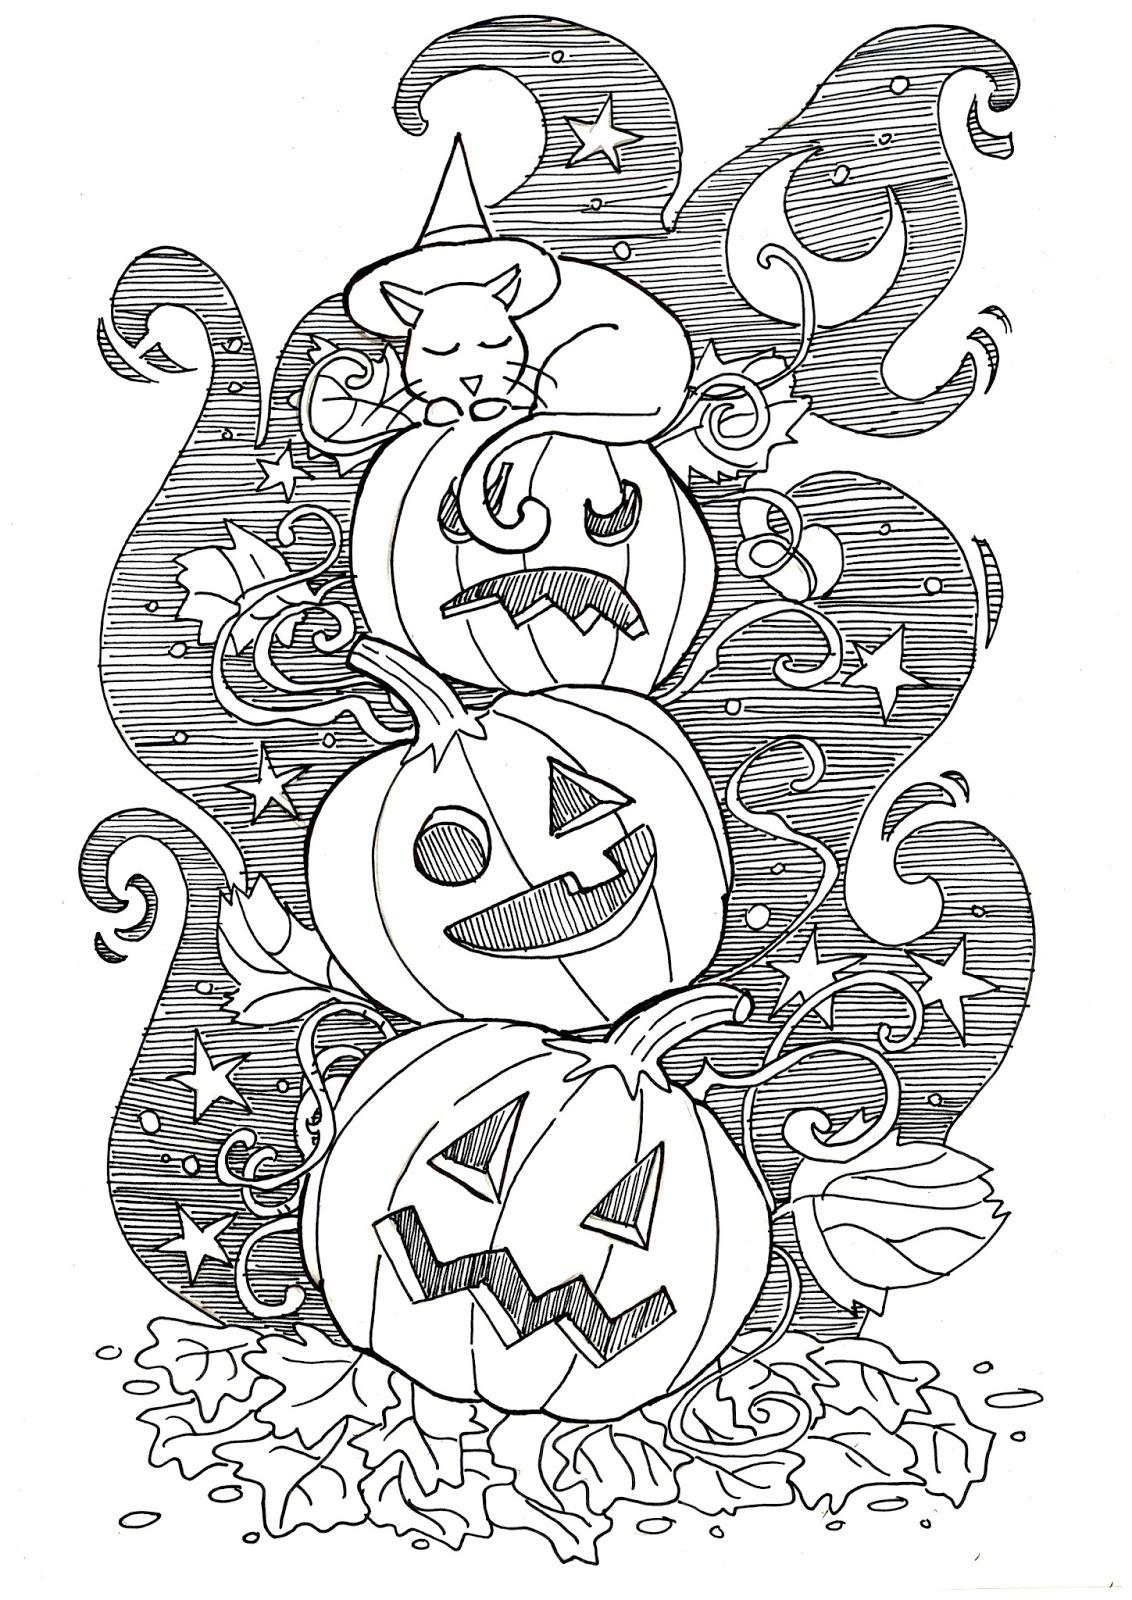 Kangel Komix Halloween Disegno Da Colorare